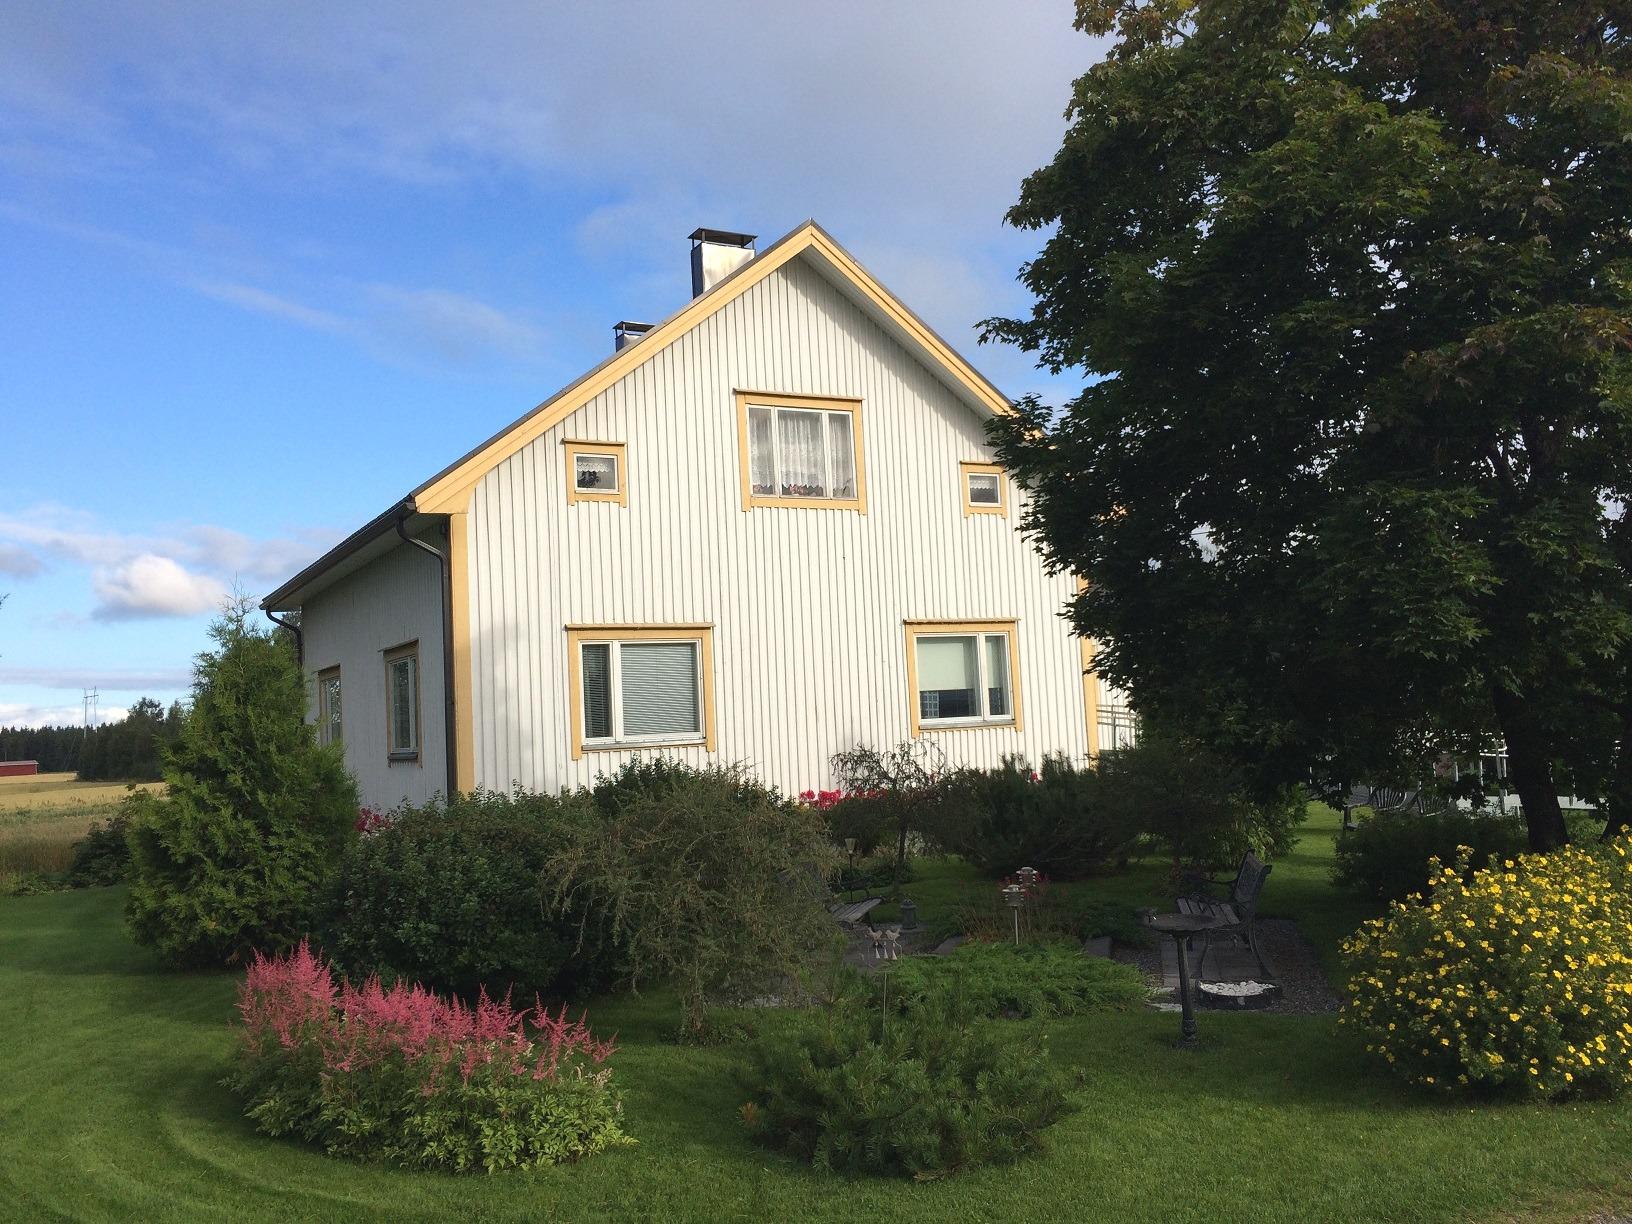 Buskarna och de vackra blommorna pryder trädgården där Jörarnas. Foto från augusti 2017.